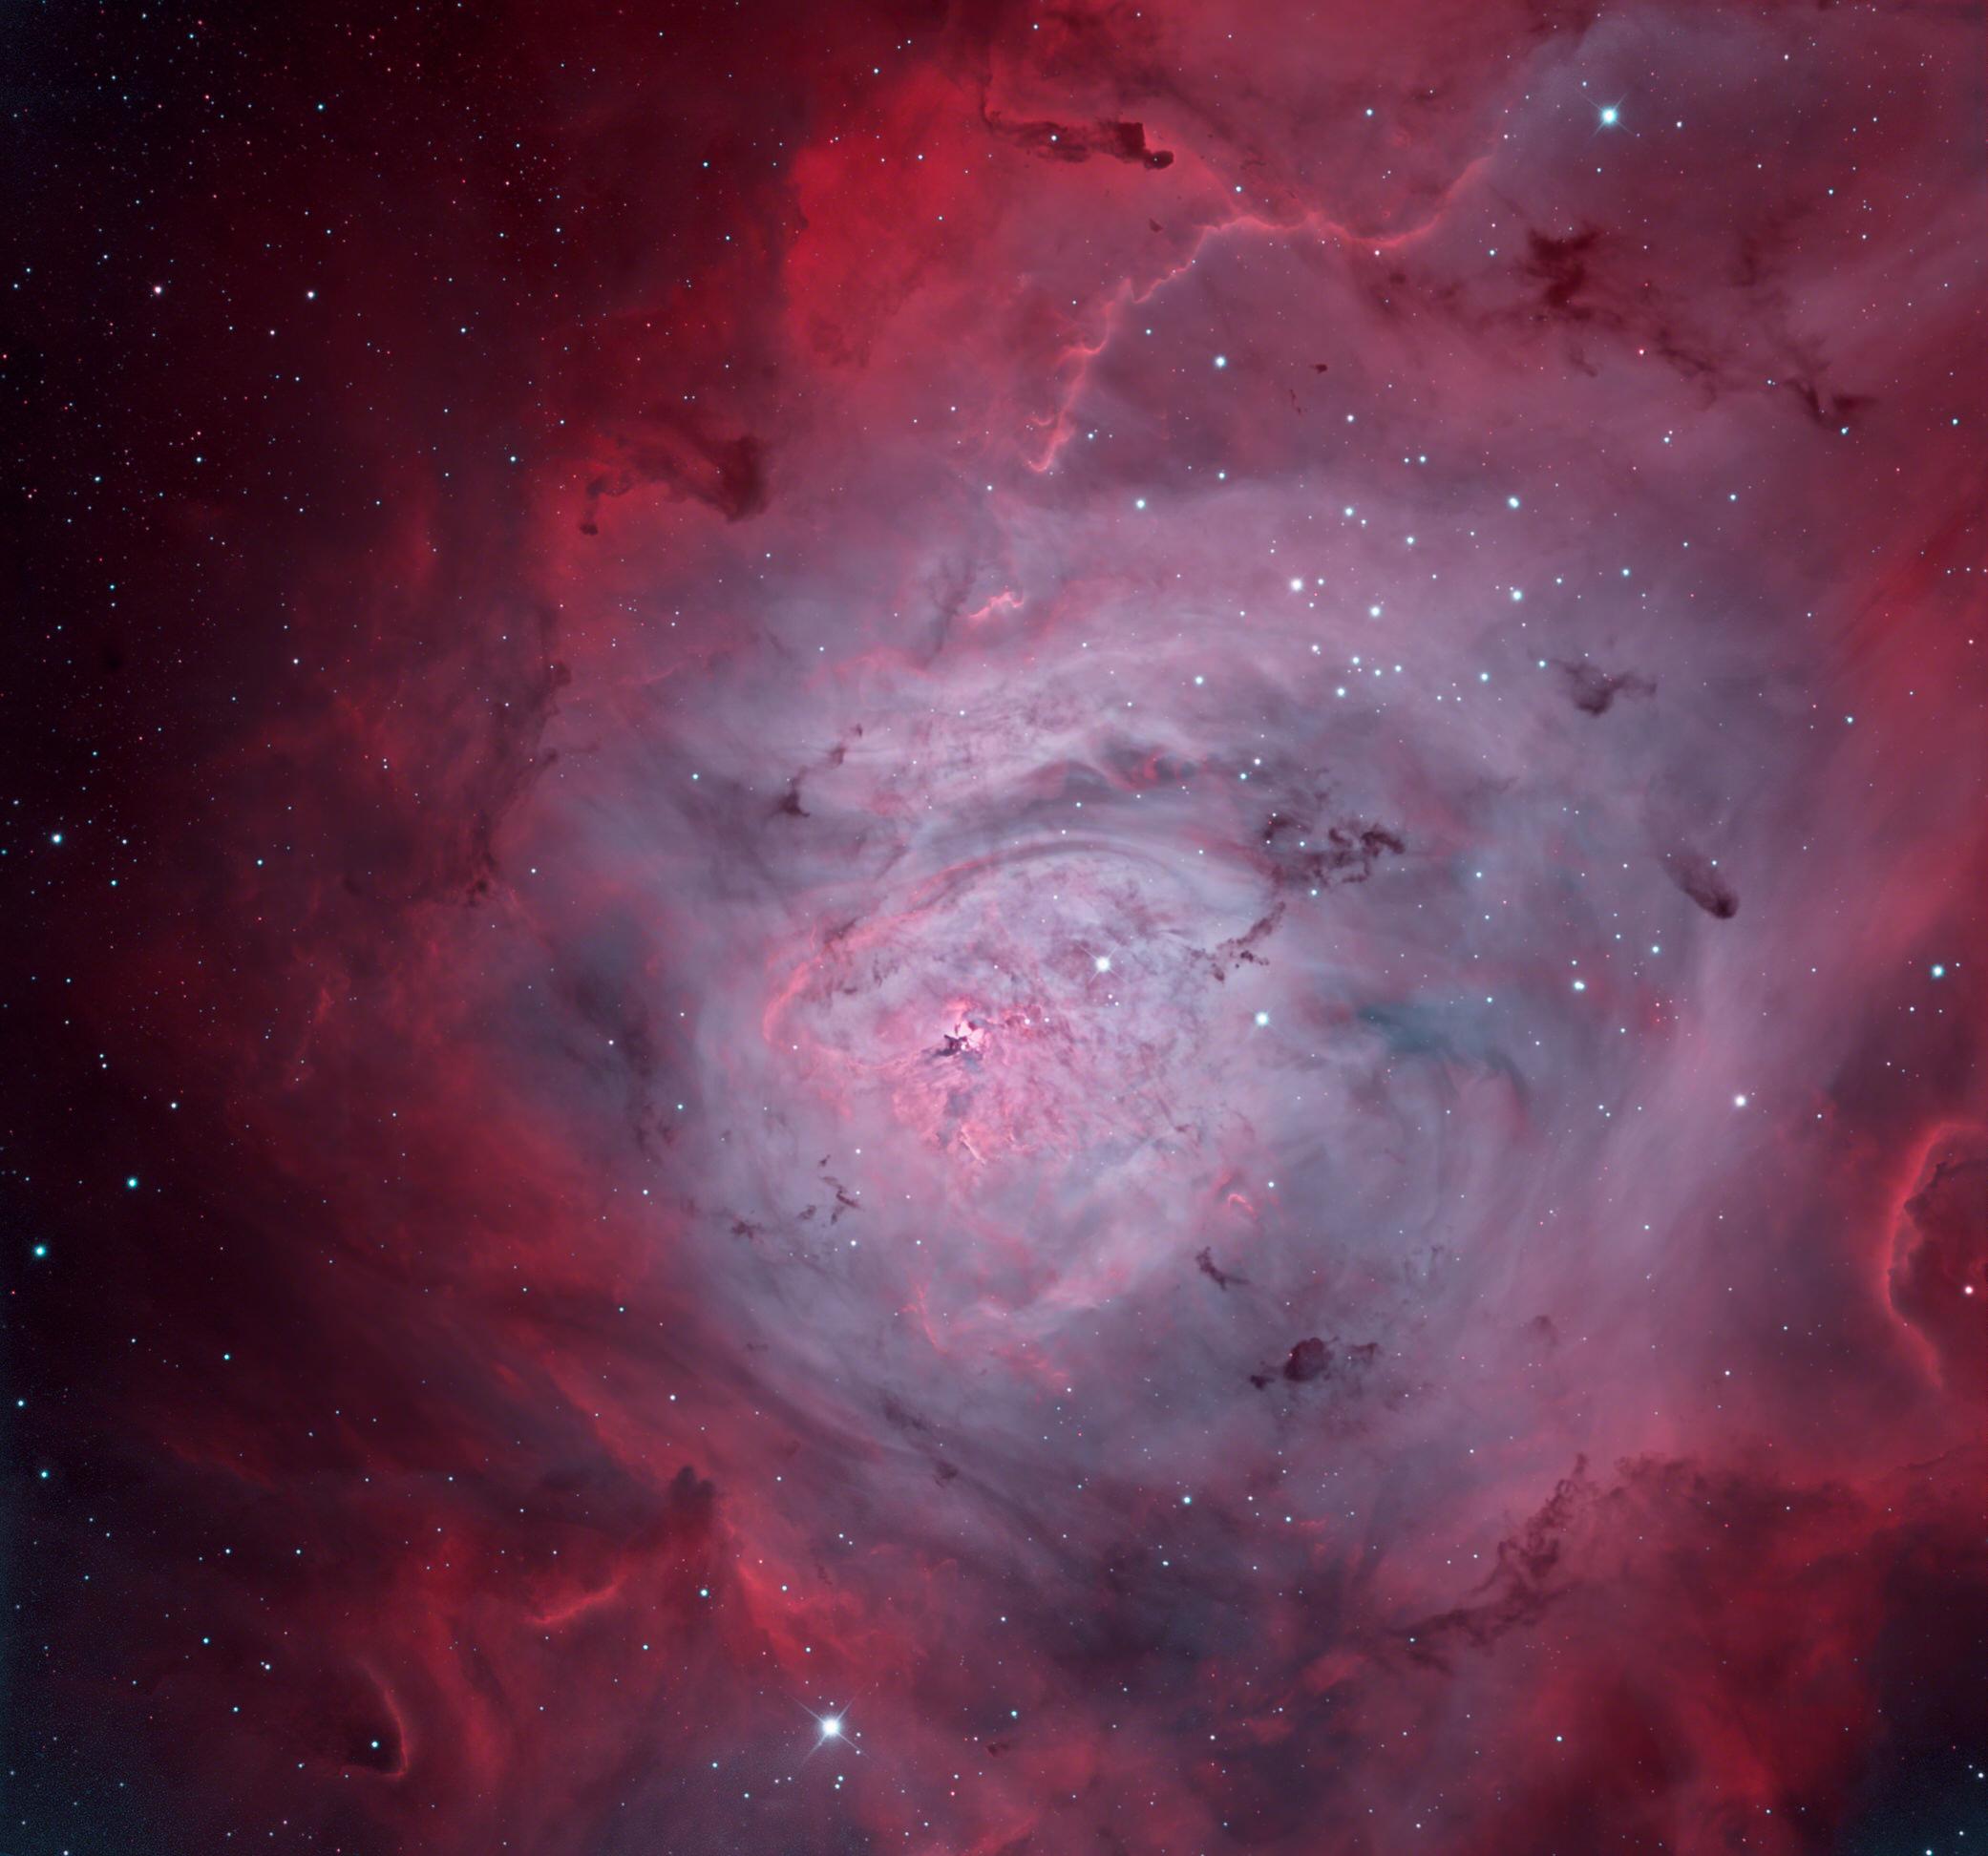 M8 - J.M. Drudis